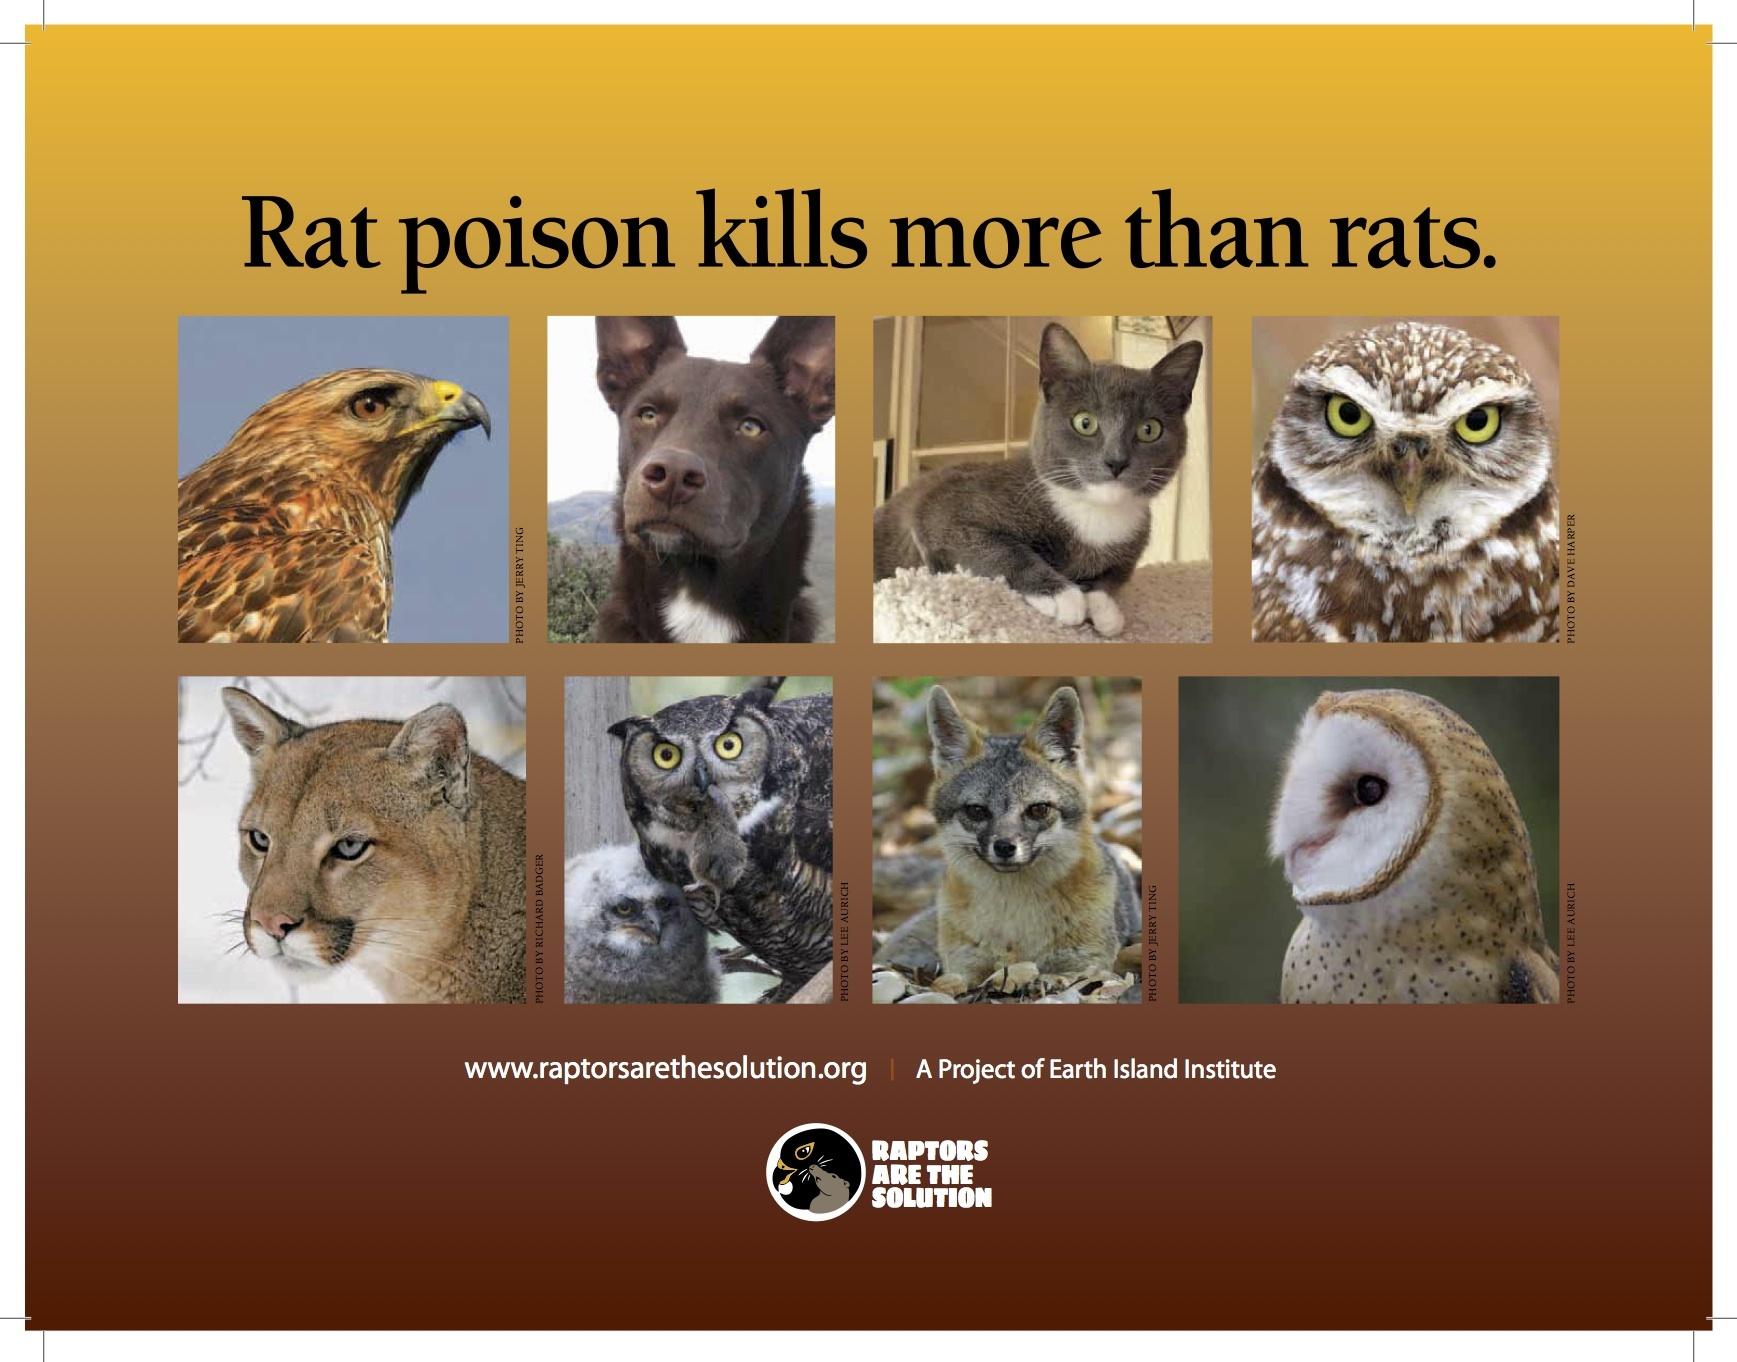 Poison for rats - rat poison